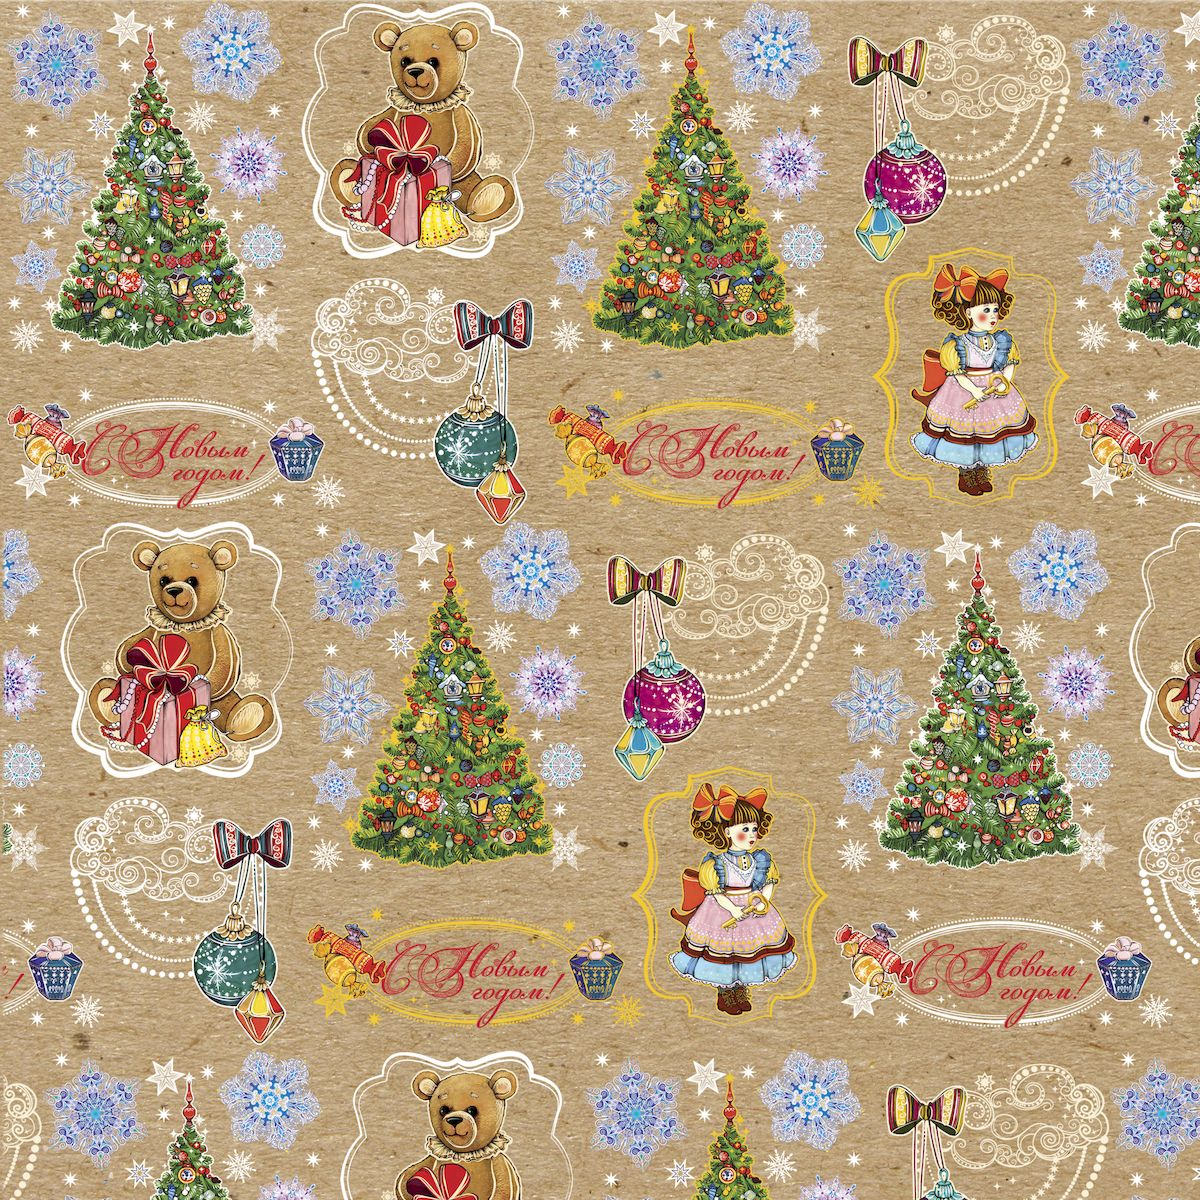 Бумага крафт упаковочная Magic Time Мишки и куклы, 100 х 70 см упаковочная бумага magic home прогулка по парижу мелованная 100 х 70 см